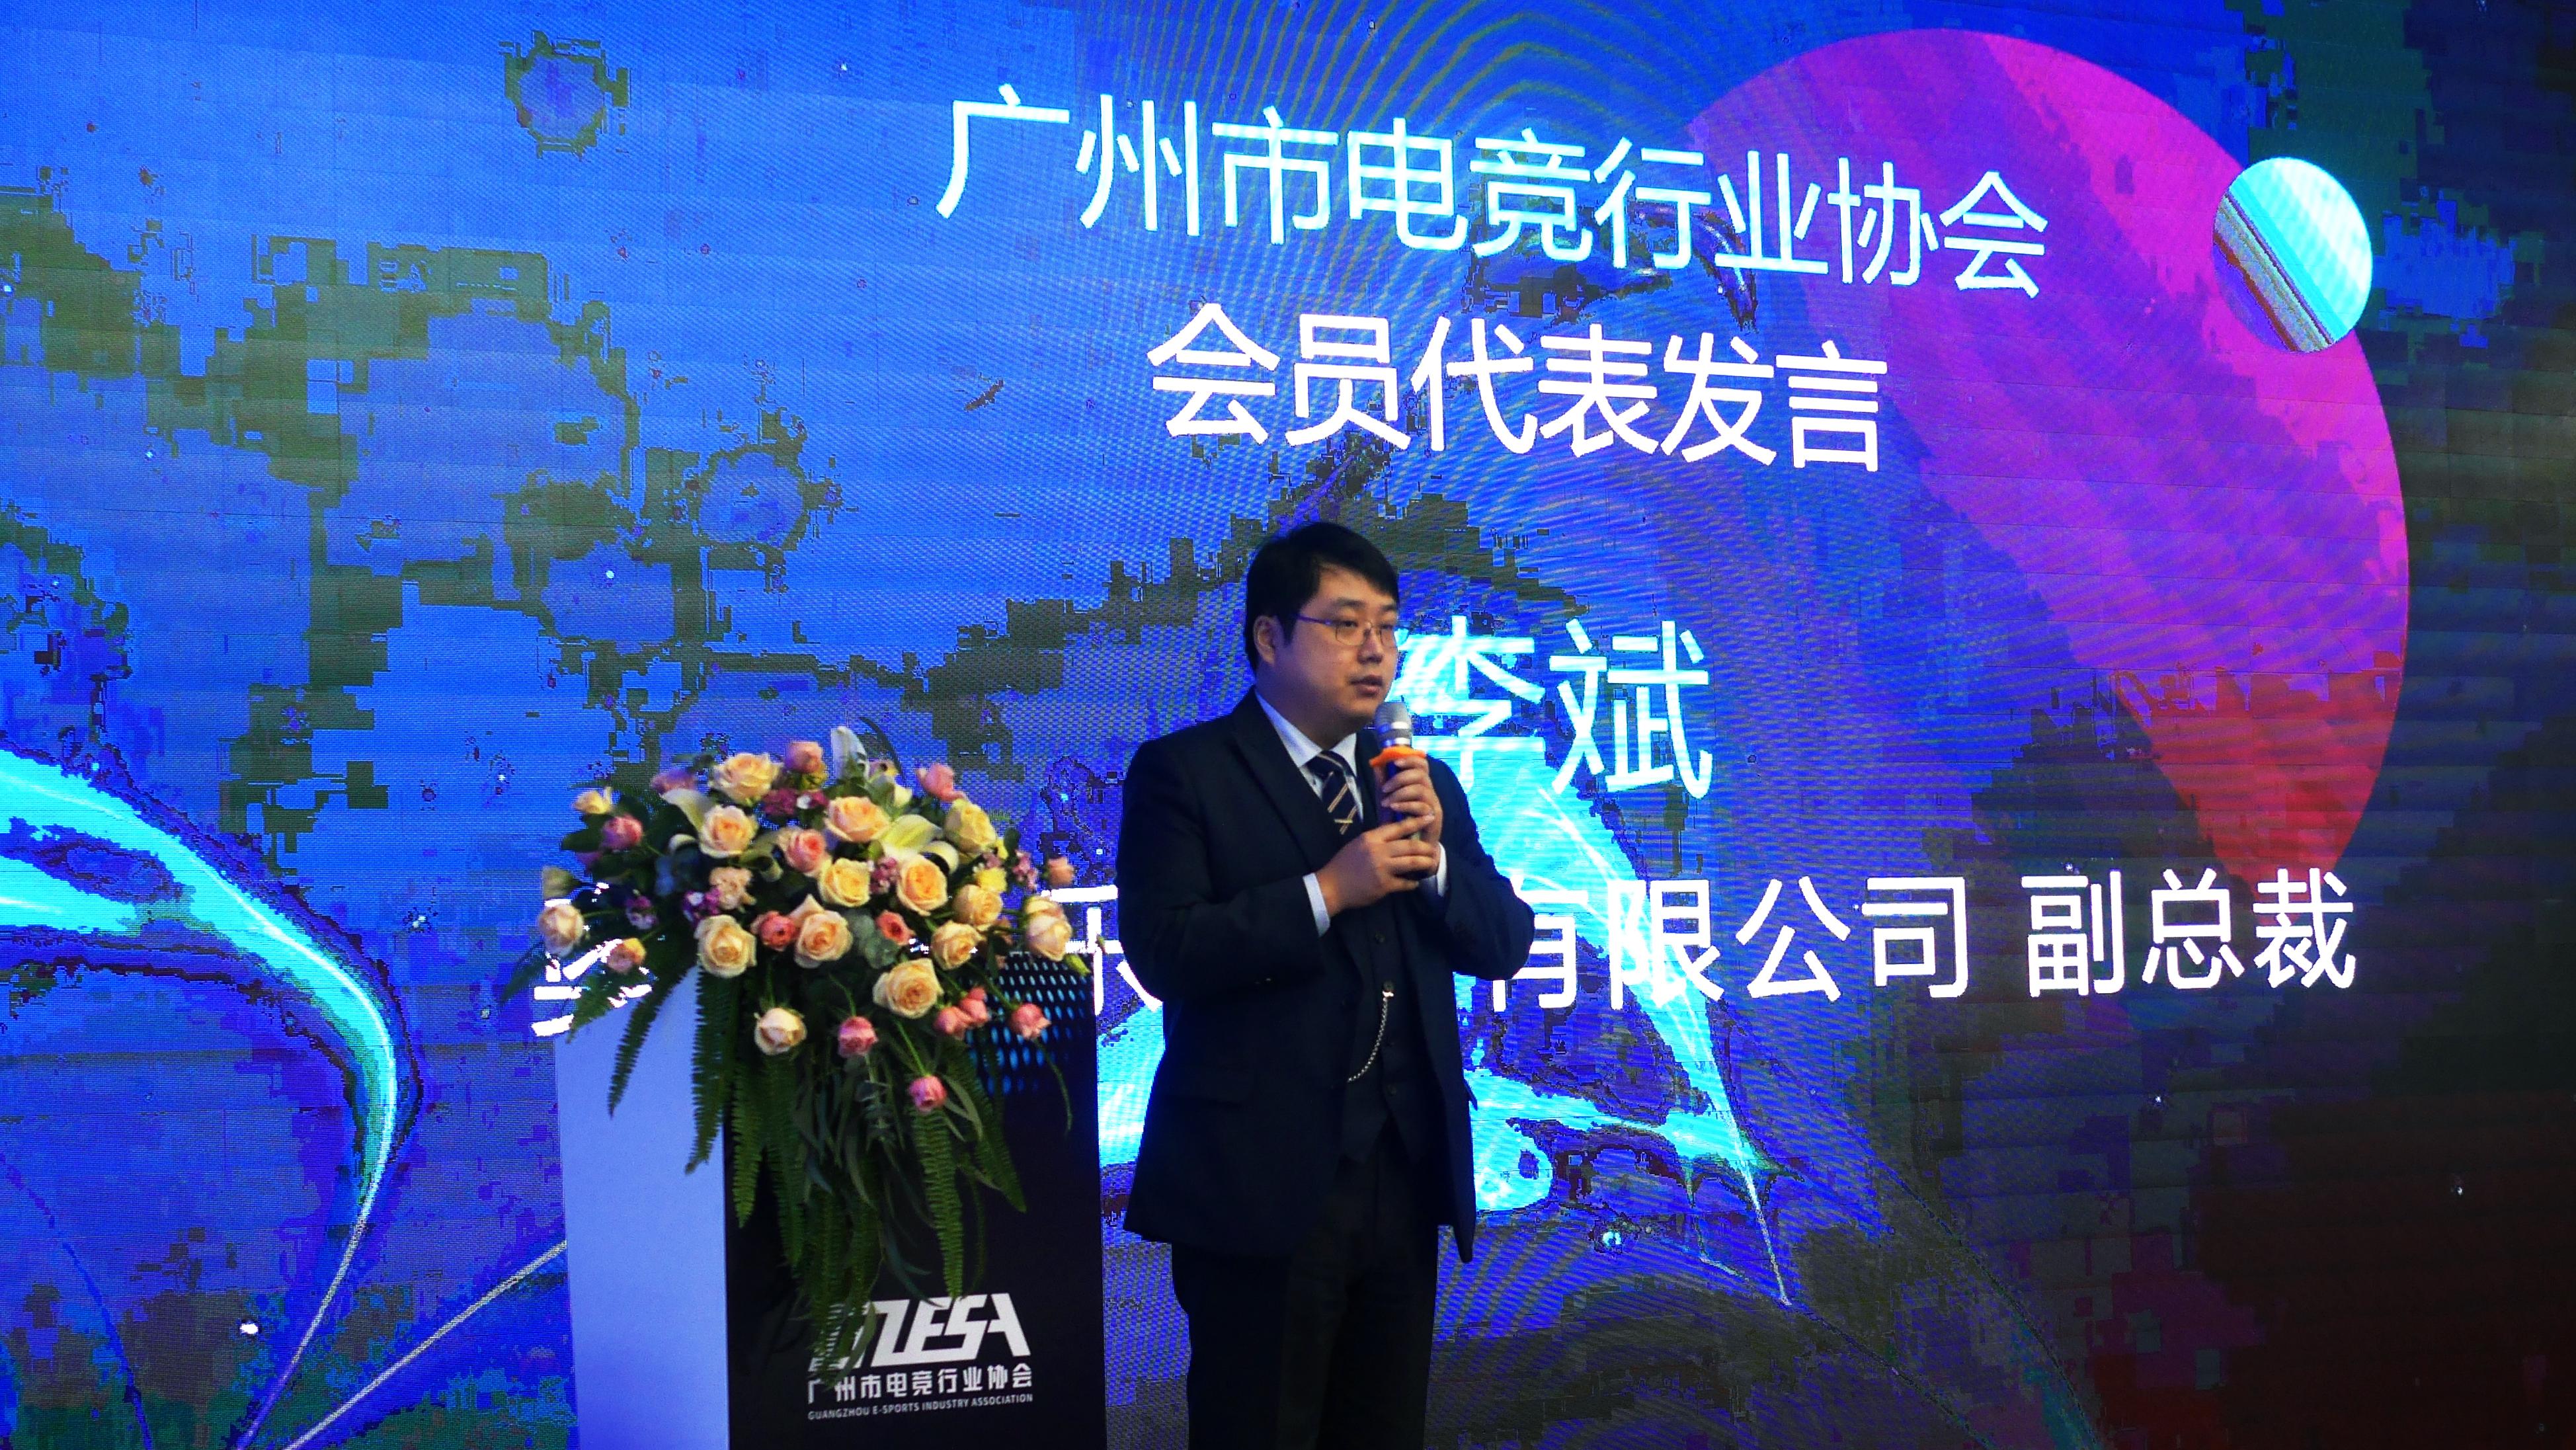 广州市电竞行业协会会员代表  奥飞娱乐副总裁 李斌.jpg